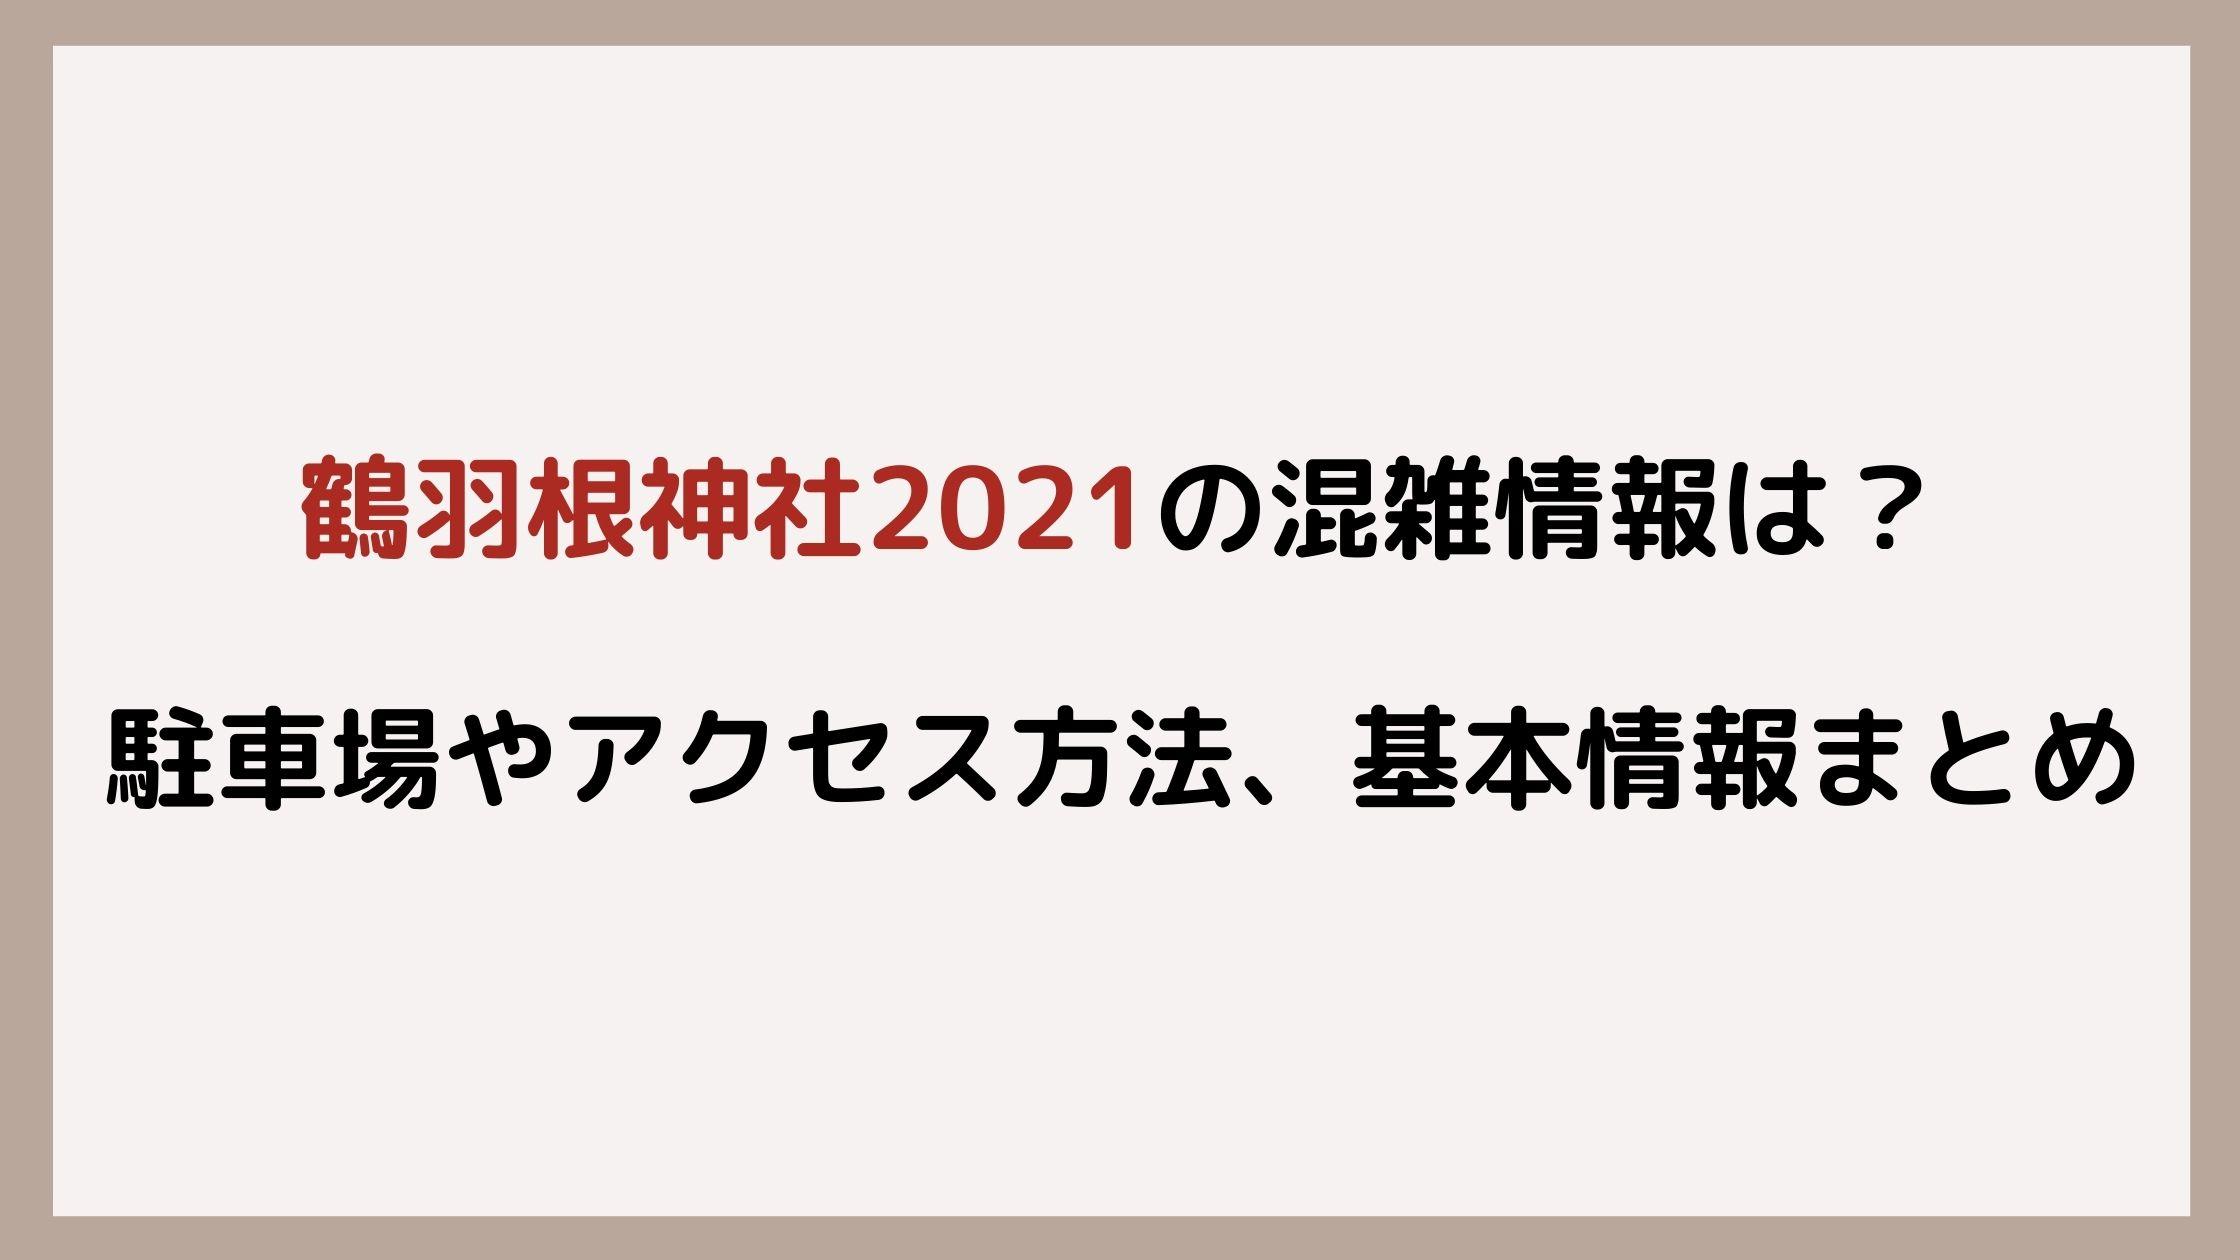 鶴羽根神社2021の混雑情報は?駐車場やアクセス方法、基本情報まとめ